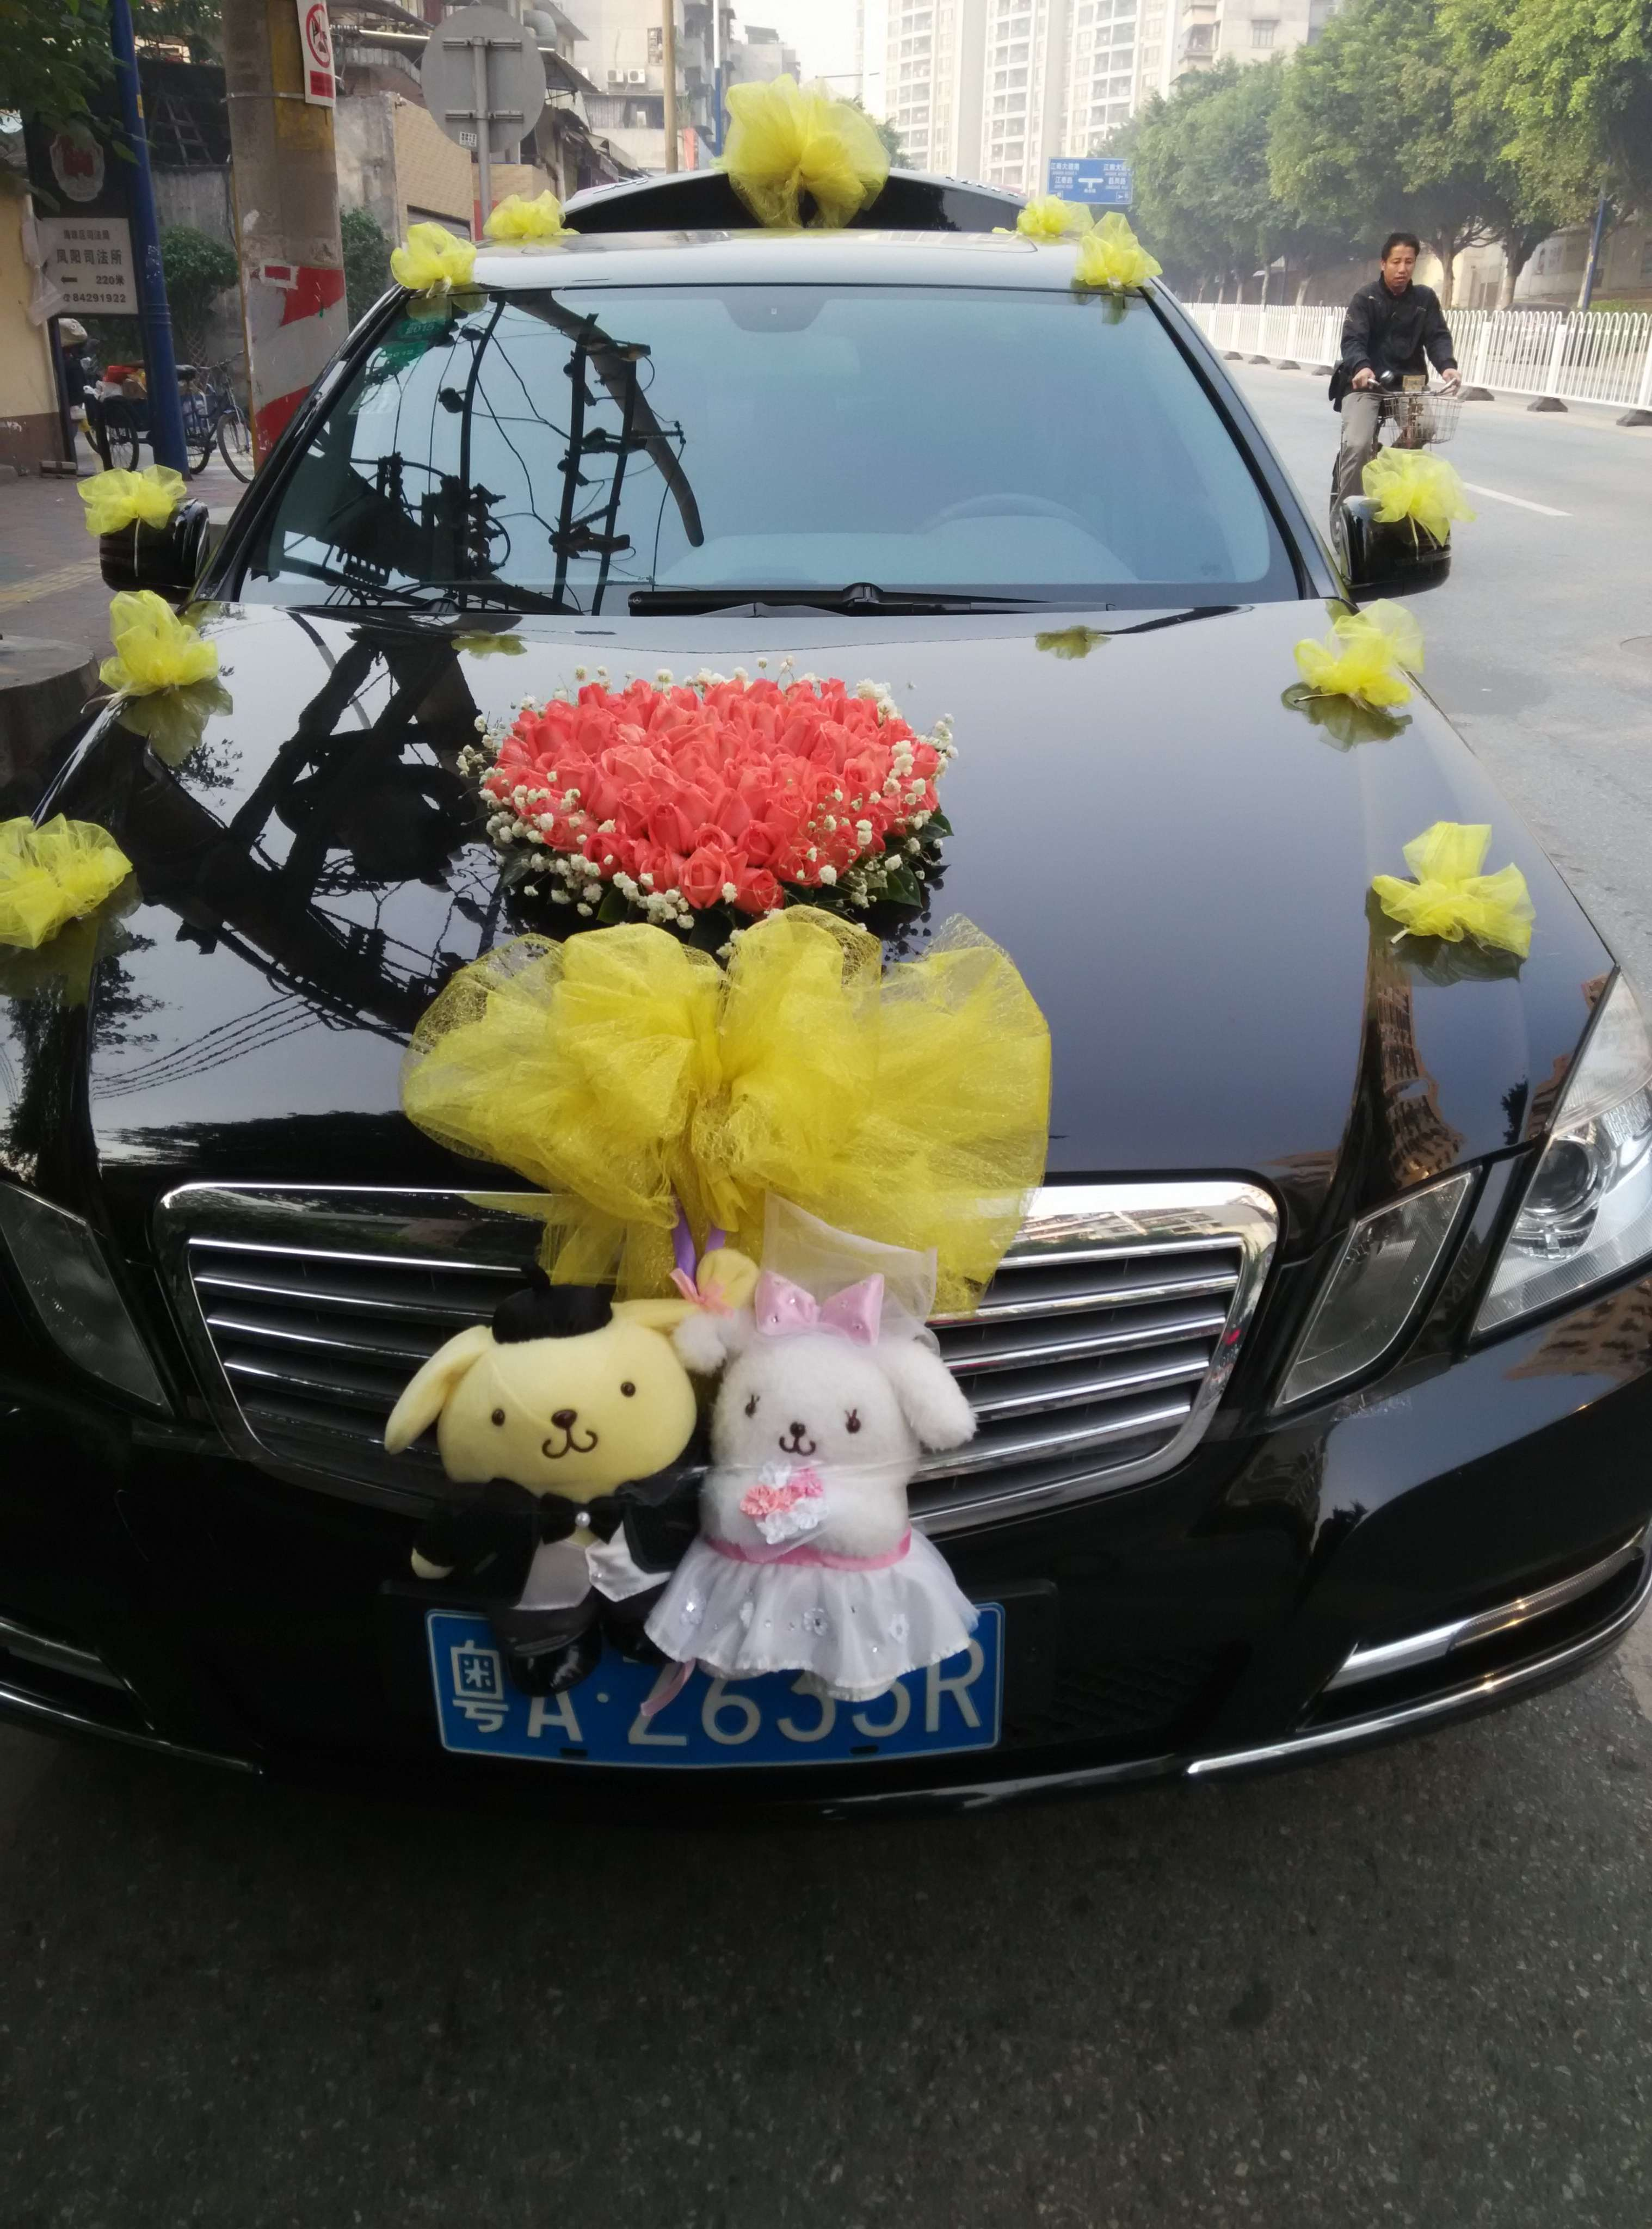 婚庆价格套餐_简易版鲜花花束装饰点缀型丝带车头 丝带 婚庆婚车套餐